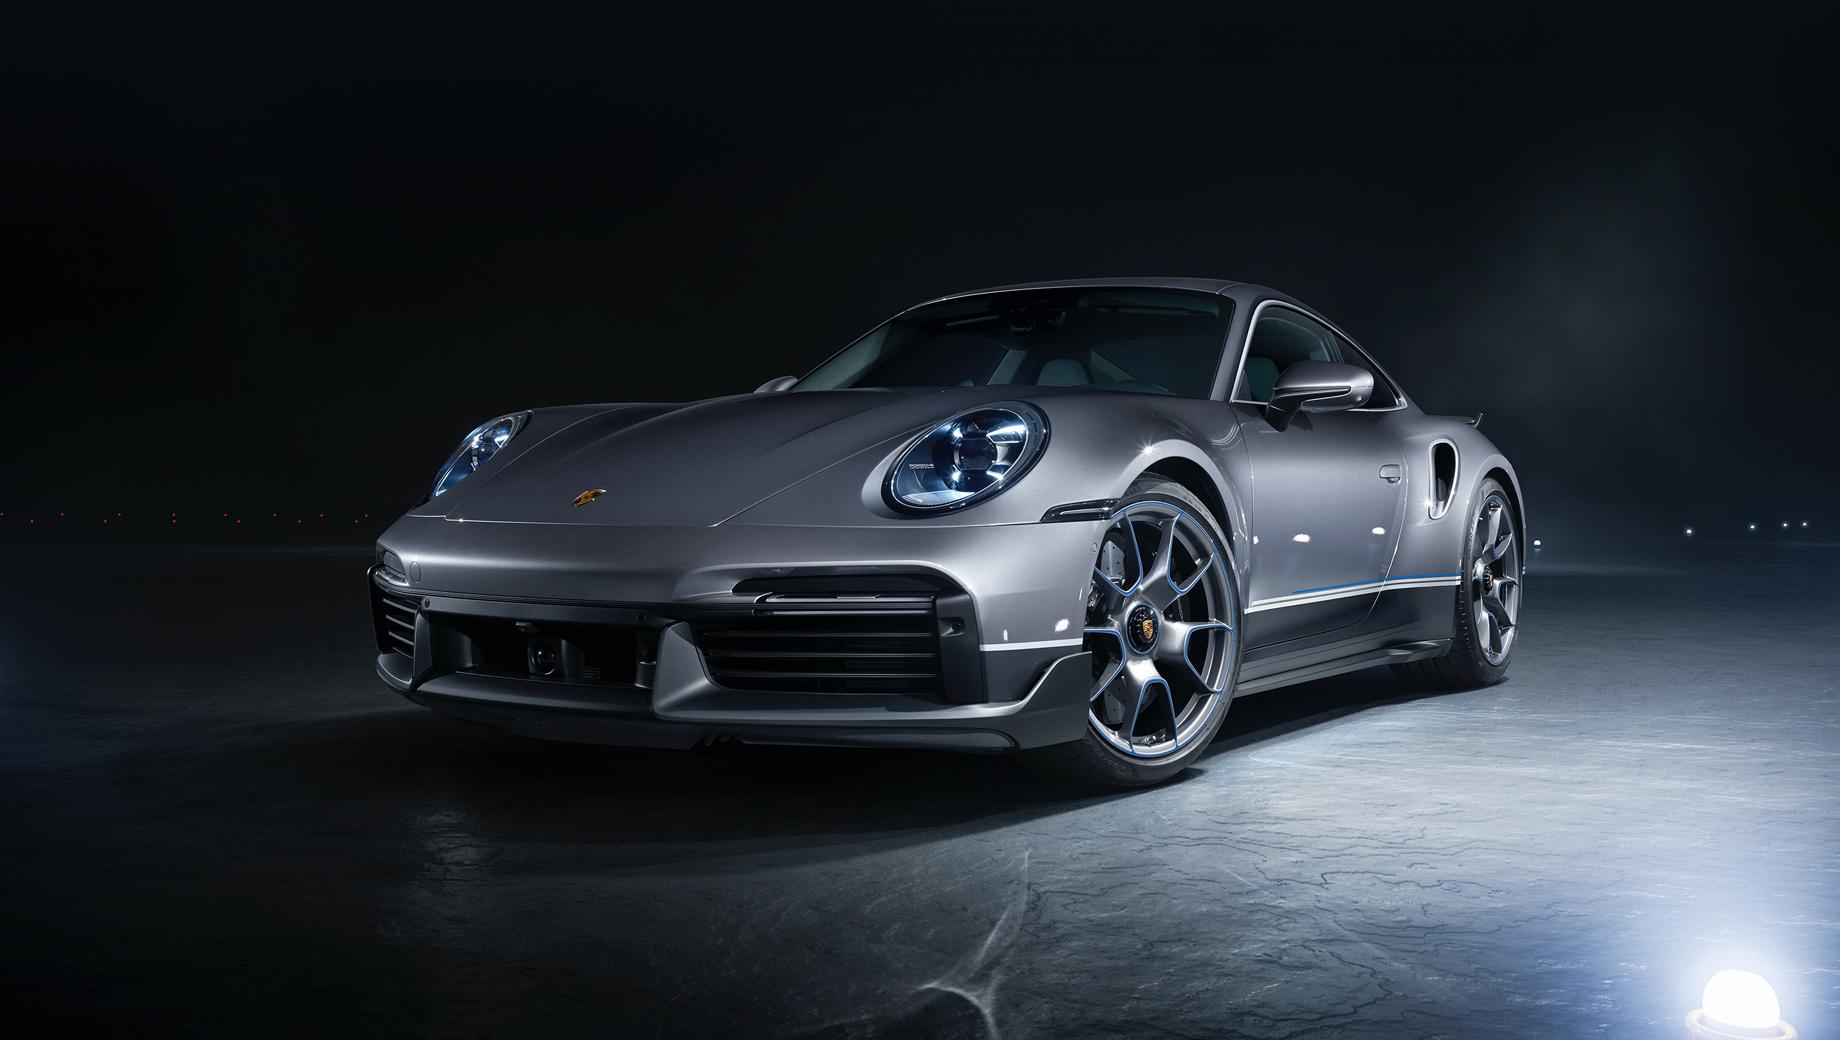 Porsche 911,Porsche 911 turbo s. Технически перед нами обычный Turbo S с оппозитником 3.8 (650 л.с., 800 Н•м), ускорением до ста за 2,7 с и максималкой в 330 км/ч.